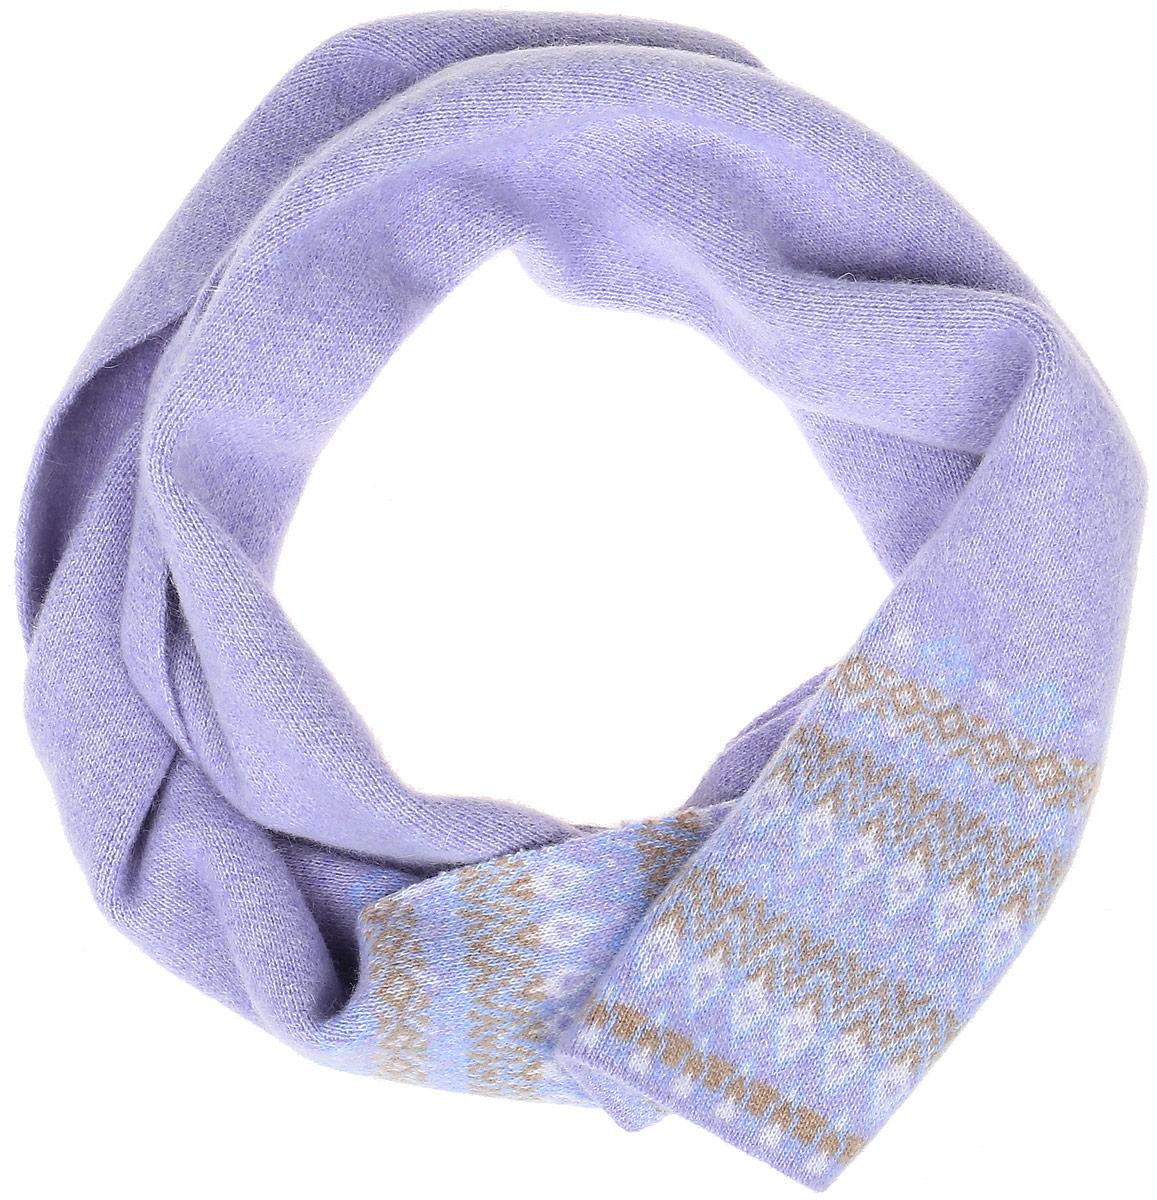 W16-32123_711Женский шарф Finn Flare, выполненный из шерсти с добавлением нейлона, очень мягкий, теплый и приятный на ощупь. Модель оформлена вязаным орнаментом и дополнена металлической пластиной с названием бренда.